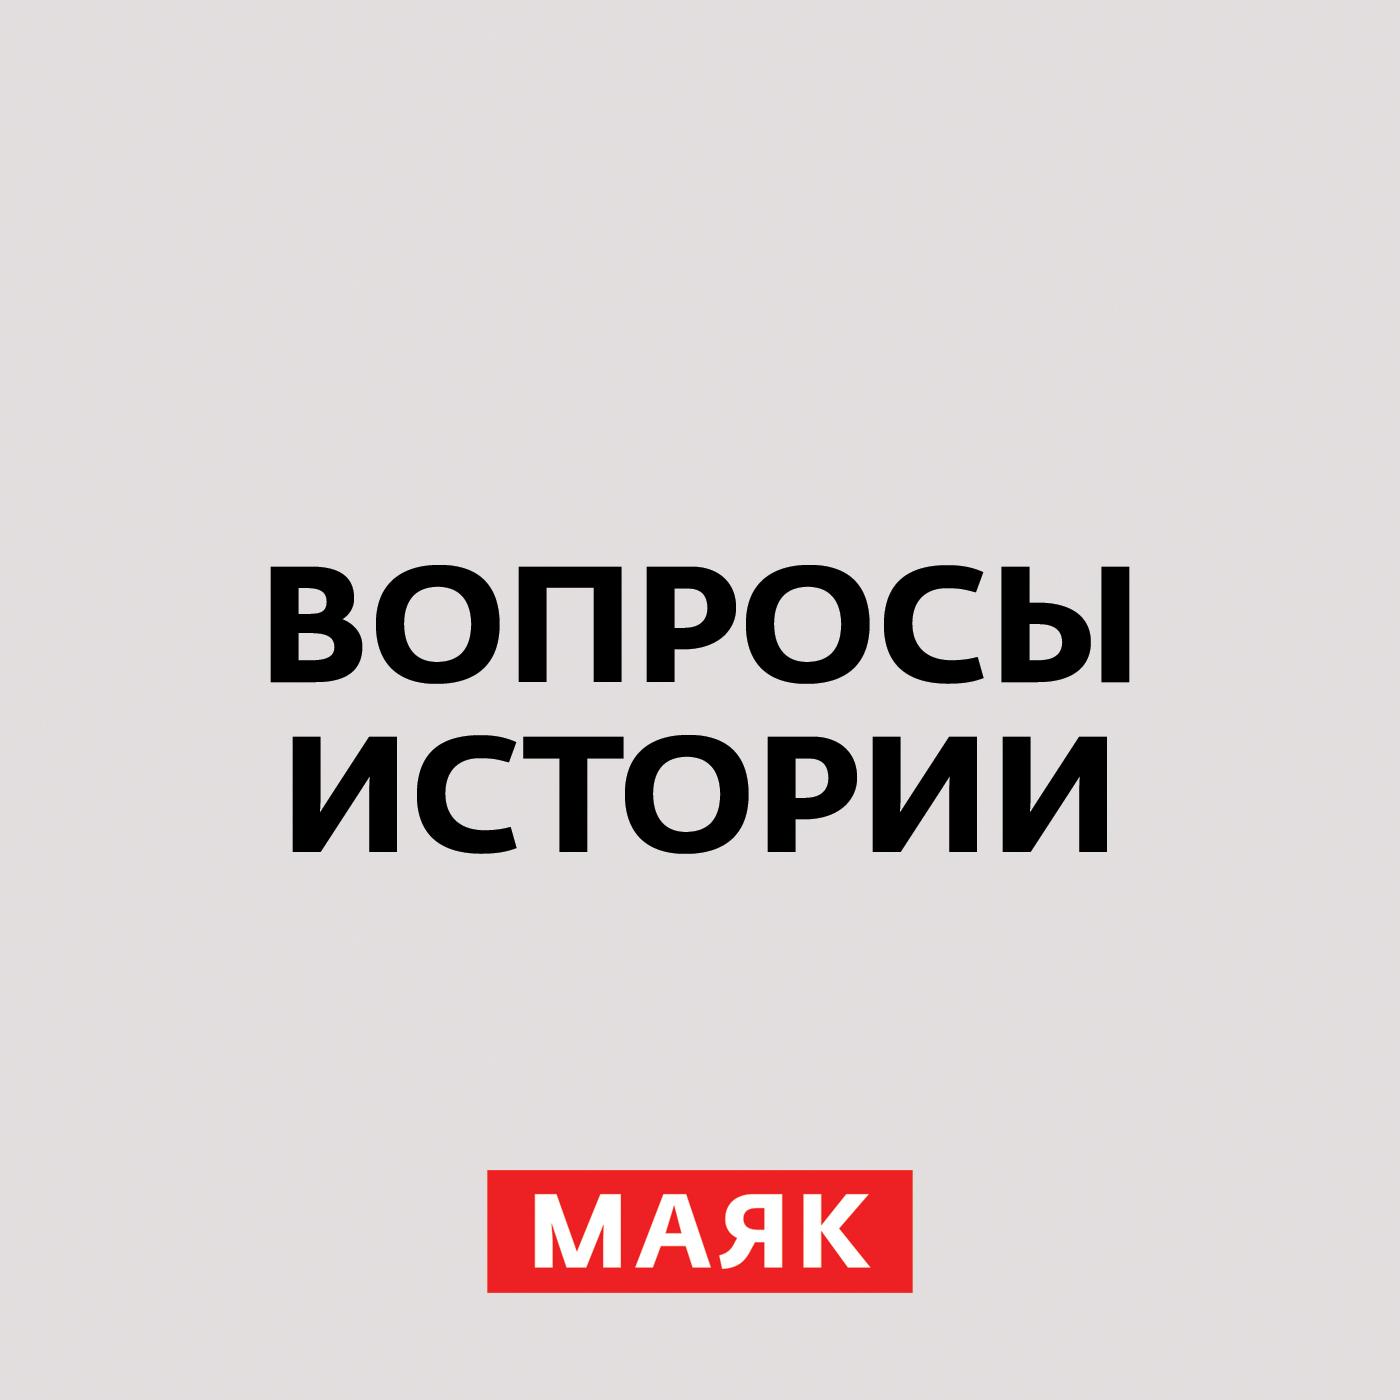 Андрей Светенко В начале 50-х Сталин явно сдал, но сдаваться не собирался. Часть 2 андрей светенко ленд лиз в годы вов мифы и реальность